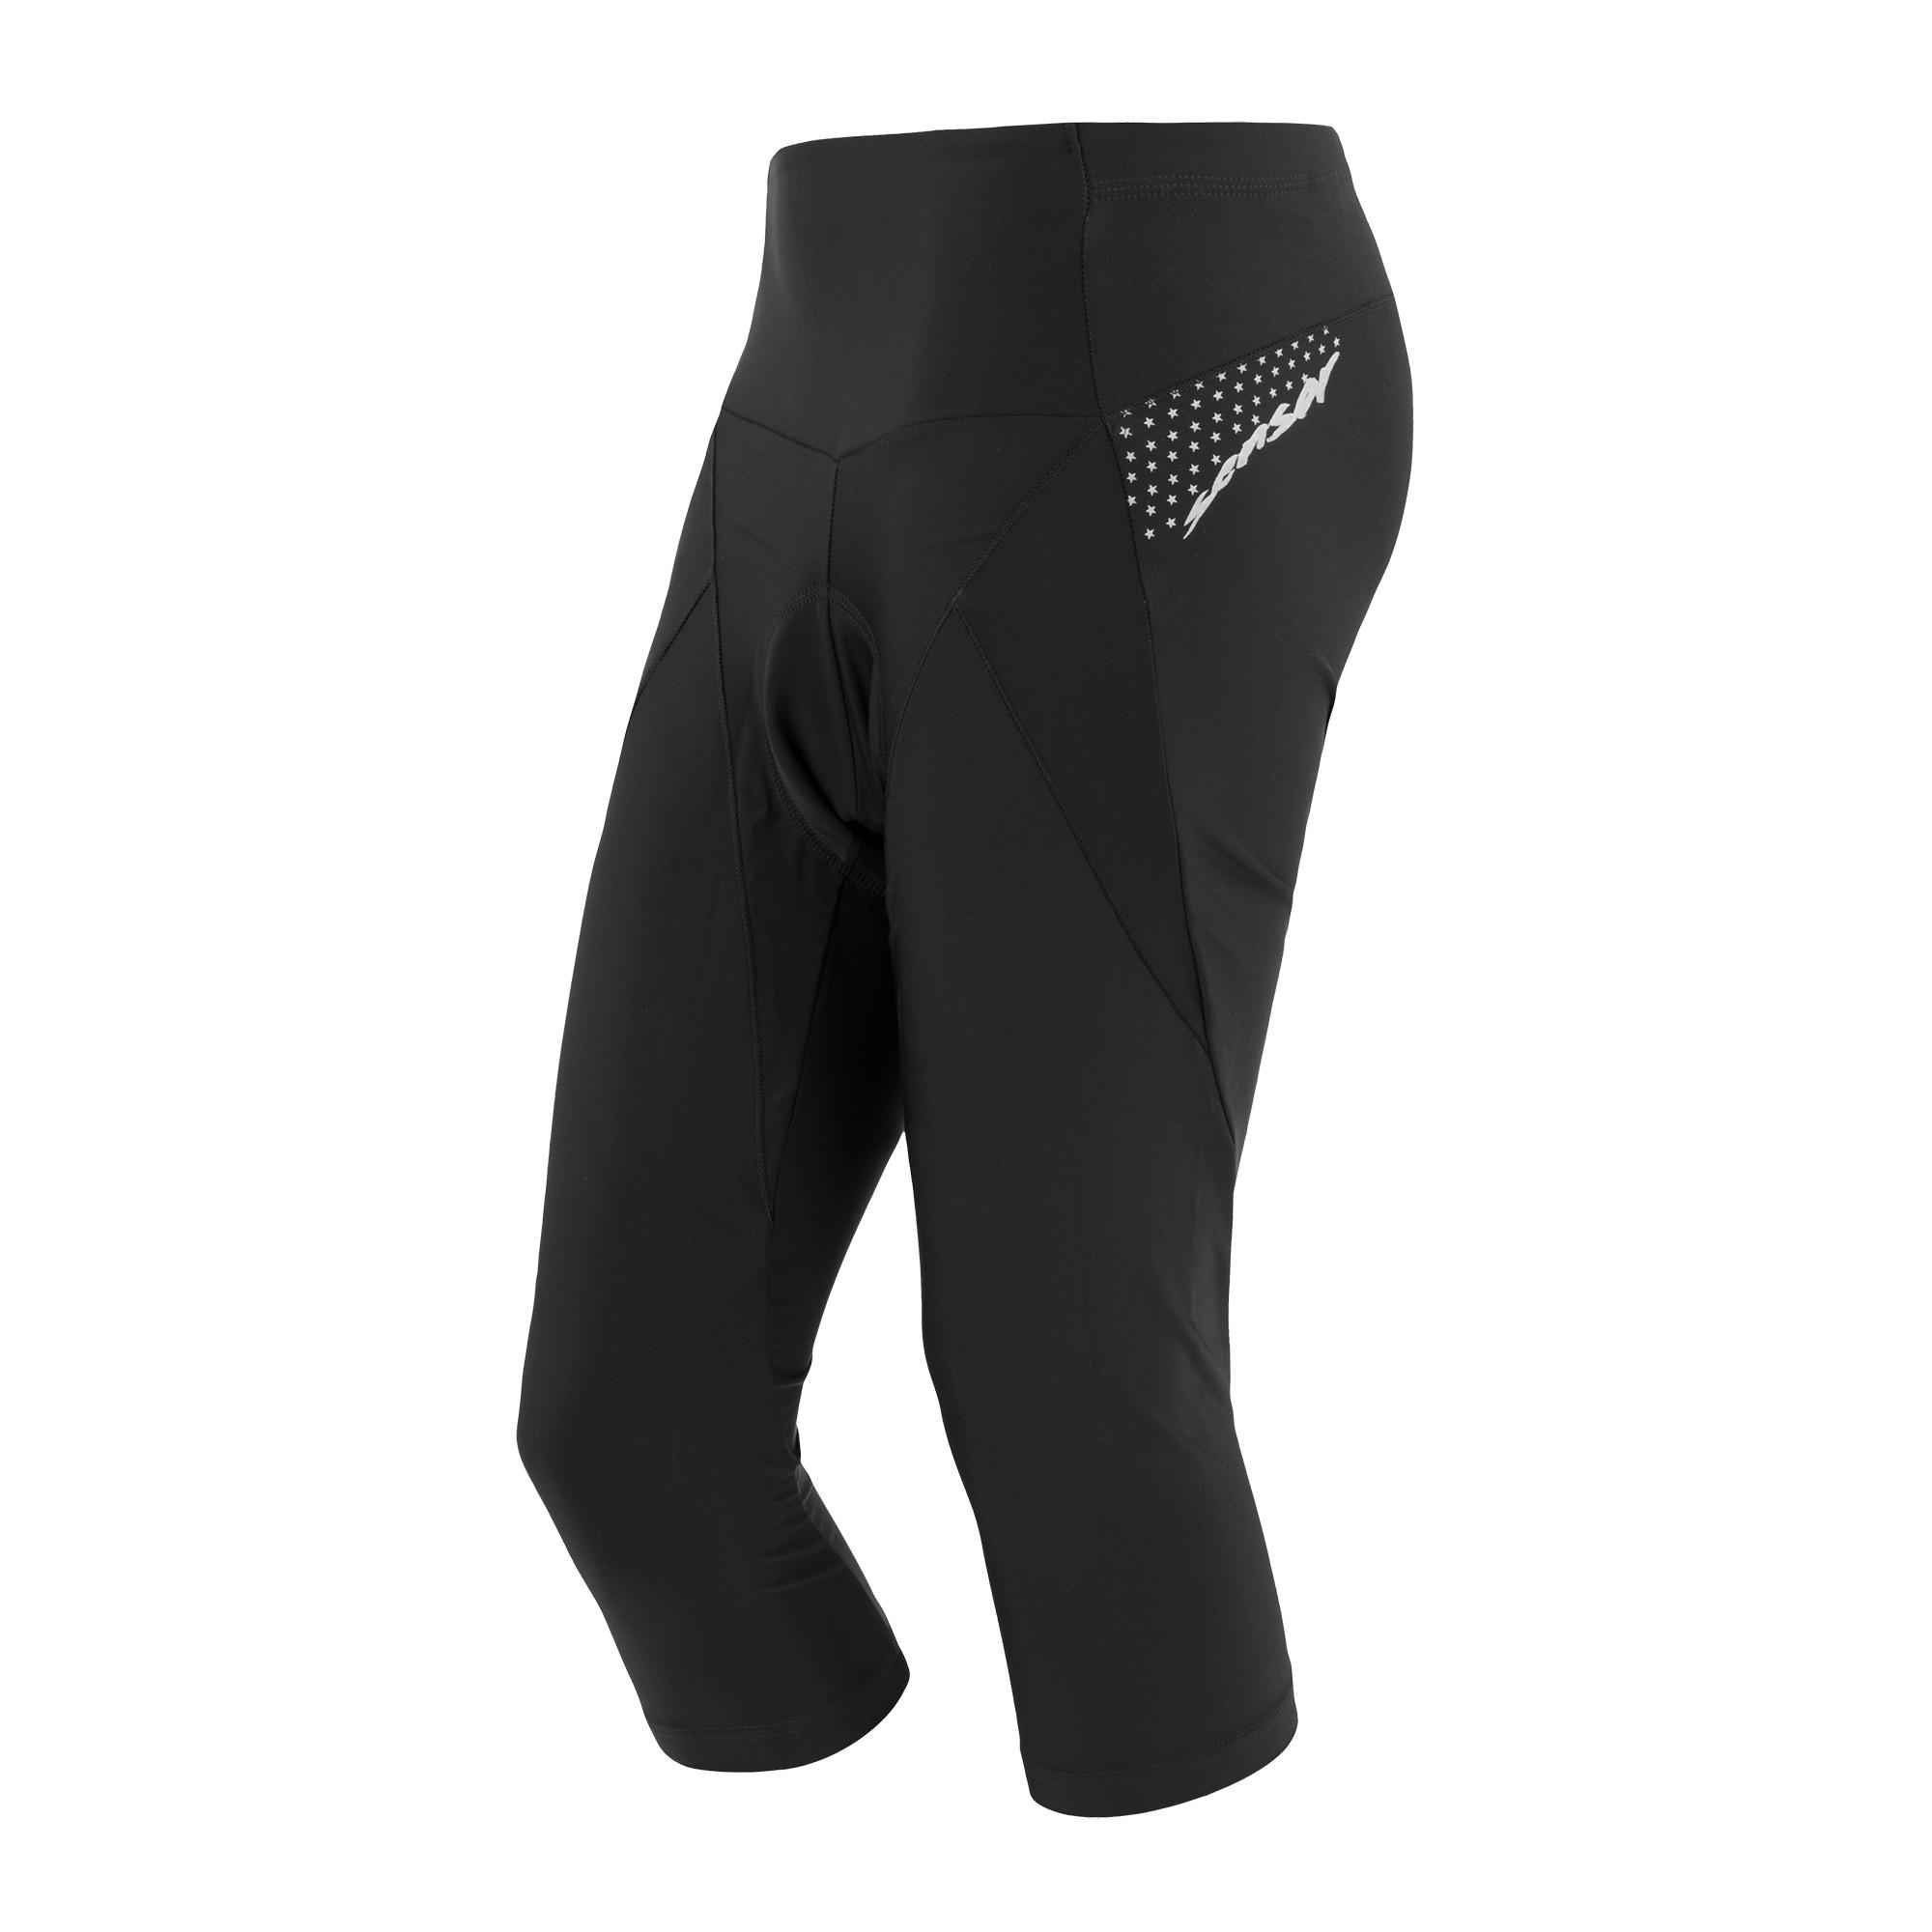 Sensor Cyklo Race - Cykelknickers med pude - Dame - Sort | Trousers